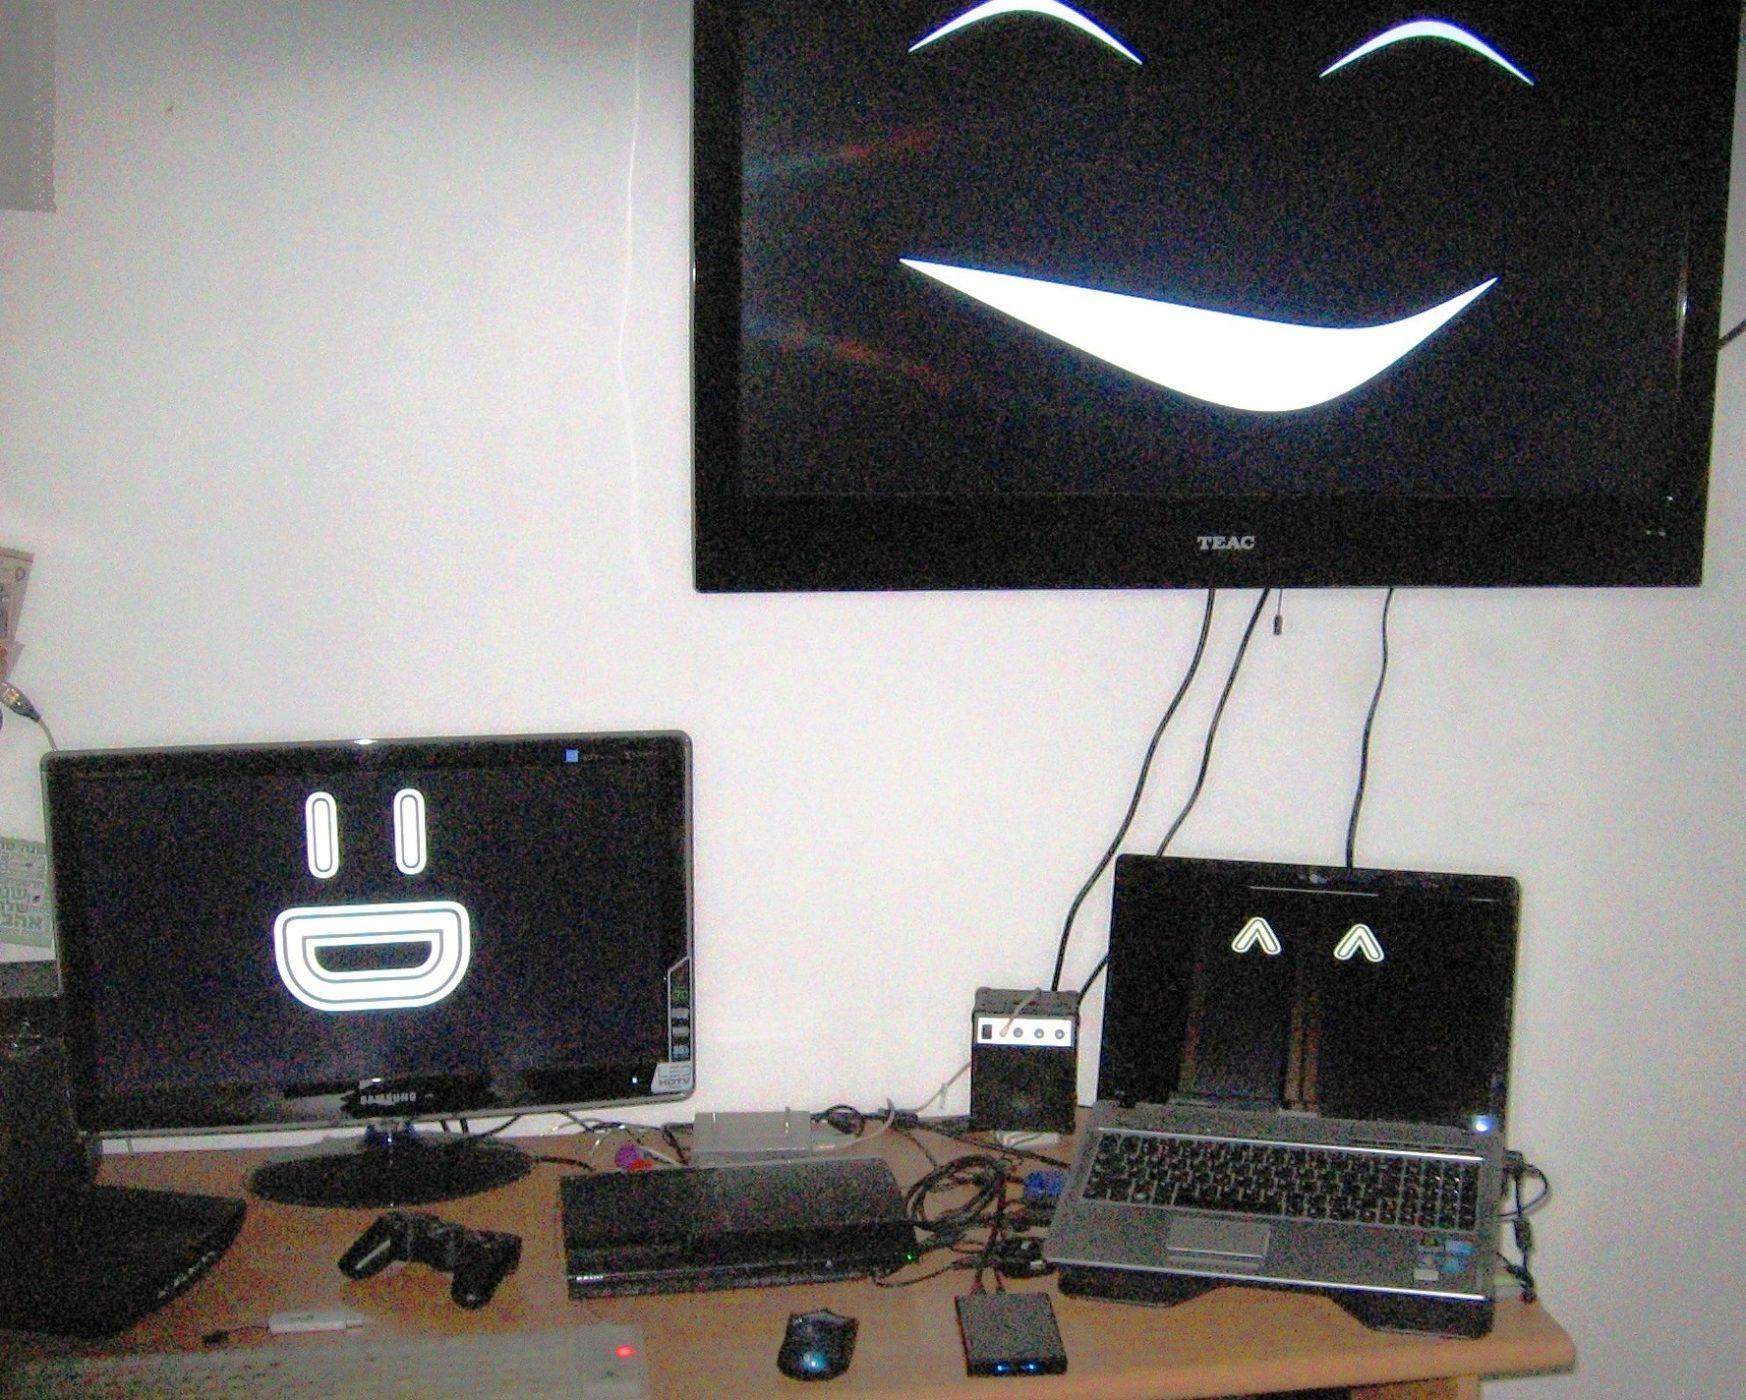 שם השולח: שלום גמיל. עברנו ממצב שיש מחשב אחד בבית במקרה הטוב, למצב שלכל אחד יש מחשב משלו.